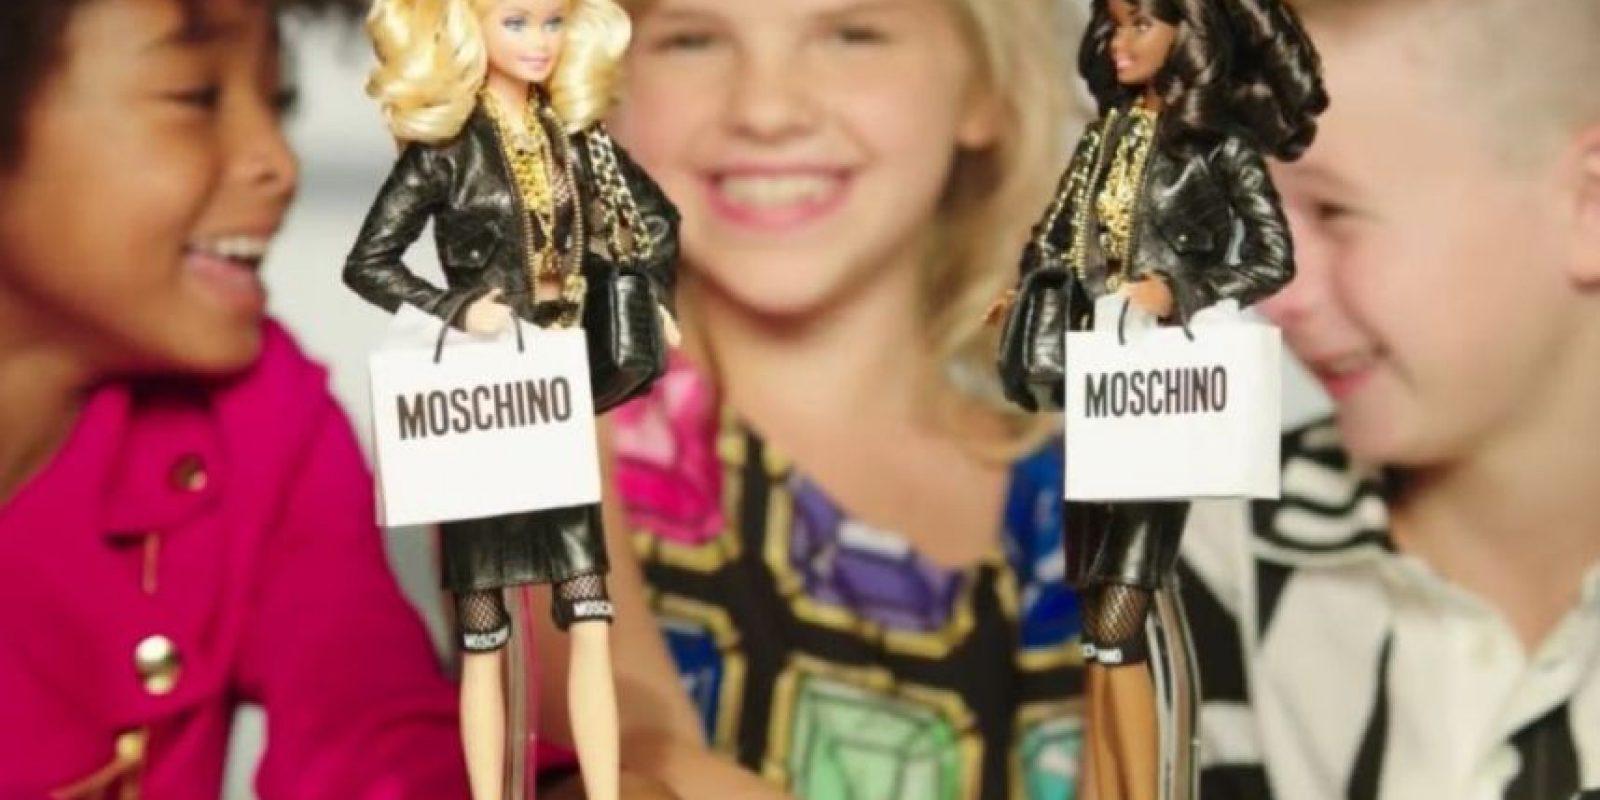 Por primera vez en la historia de Barbie, se incluyó a un niño jugando con una de estas muñecas en un comercial. Este fue el de Barbie Moschino, el cual se publicó a finales de octubre, promocionando a la marca italiana Moschino. Foto:Vía Youtube